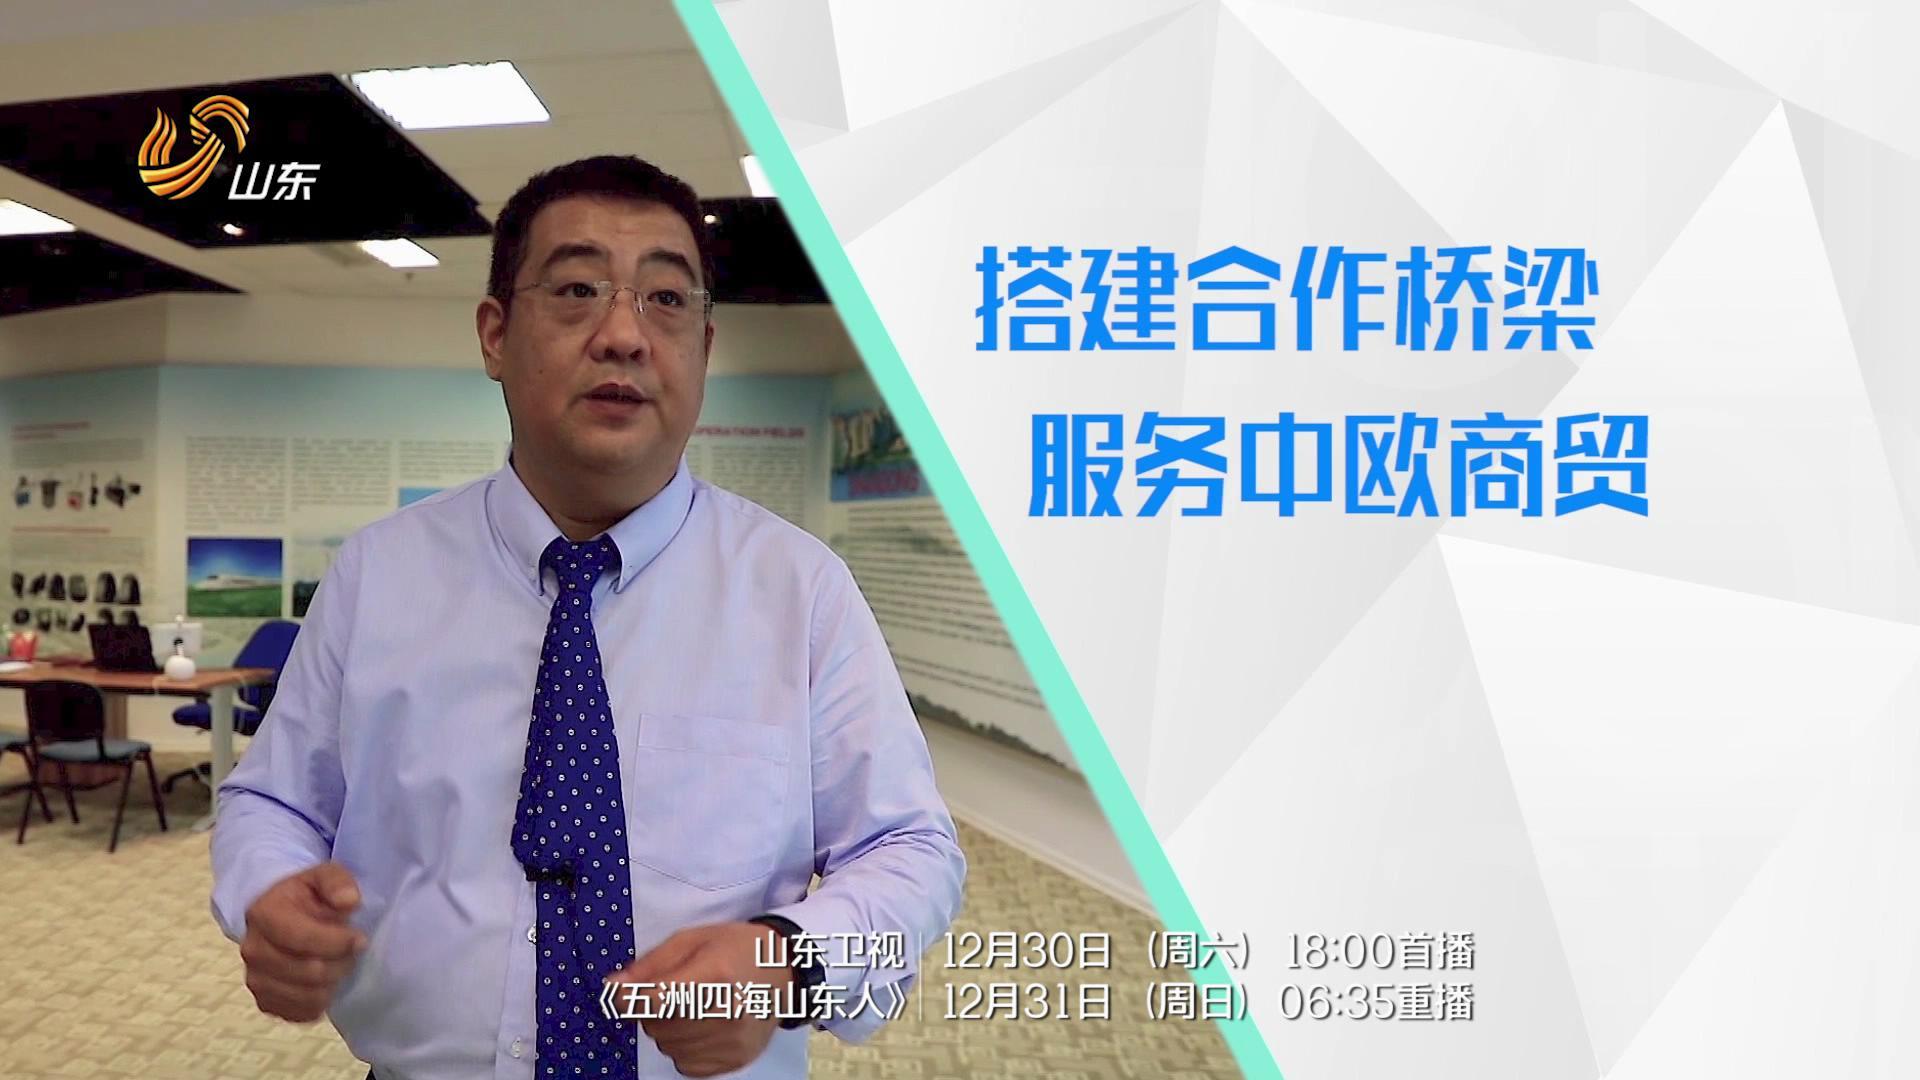 吴江:搭建合作桥梁 服务中欧商贸